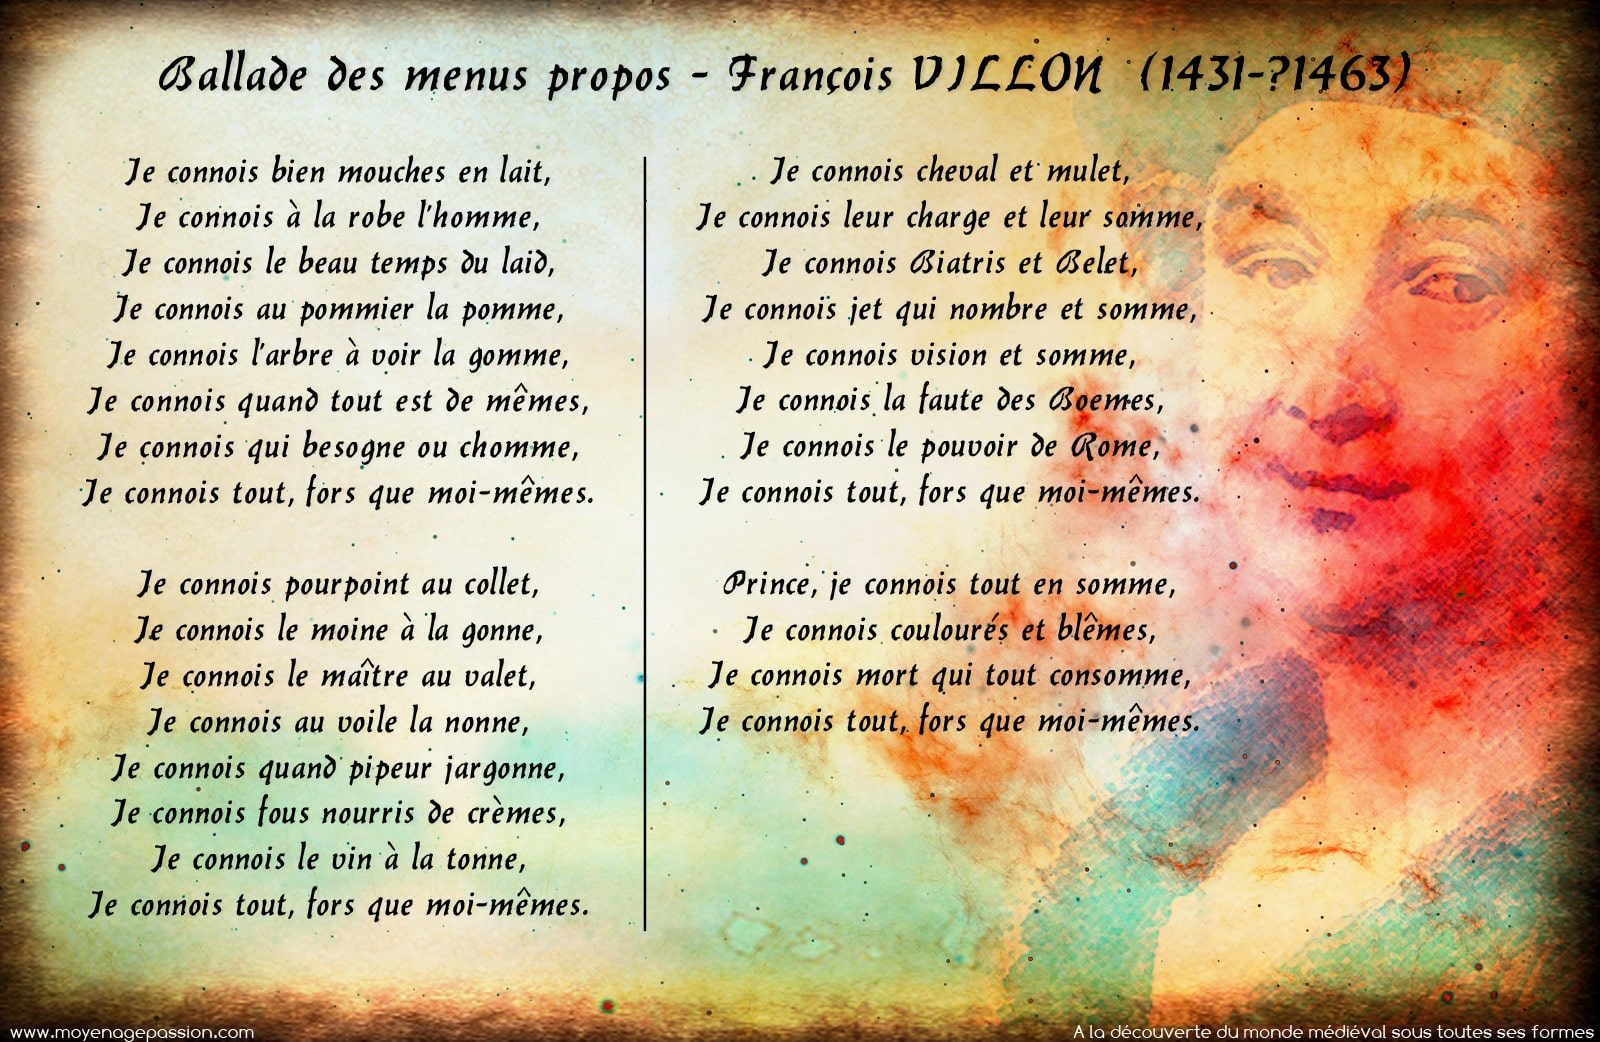 francois_villon_ballade_auteur_poesie_medievale_realiste_satirique_menus_propos_moyen_age_tardif